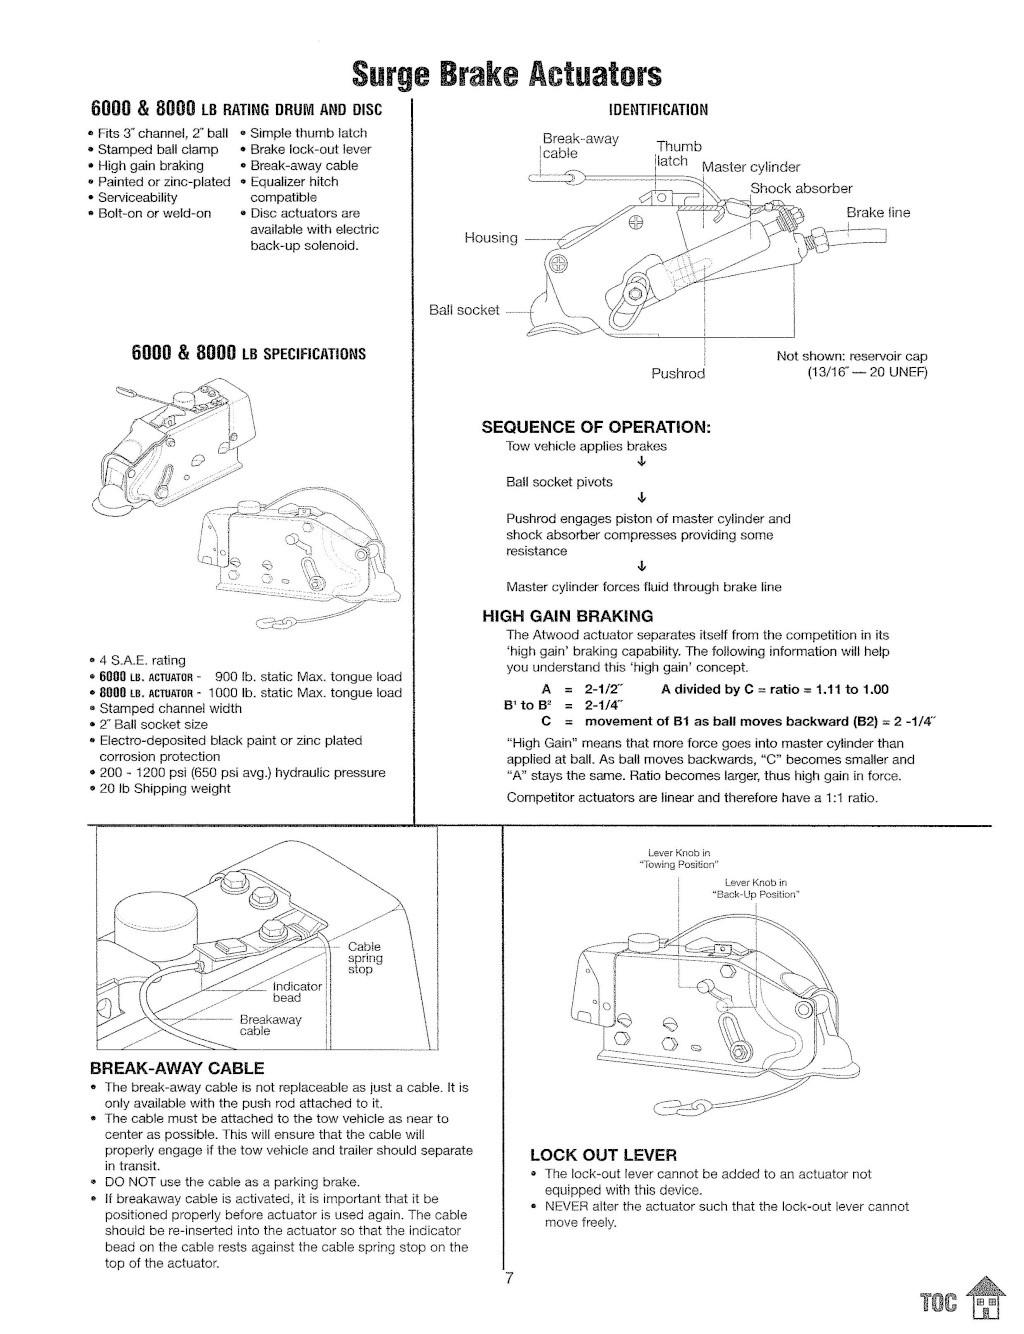 Main d'accouplement hydraulique sur les nouvelles T@B  - Page 2 Cci20113